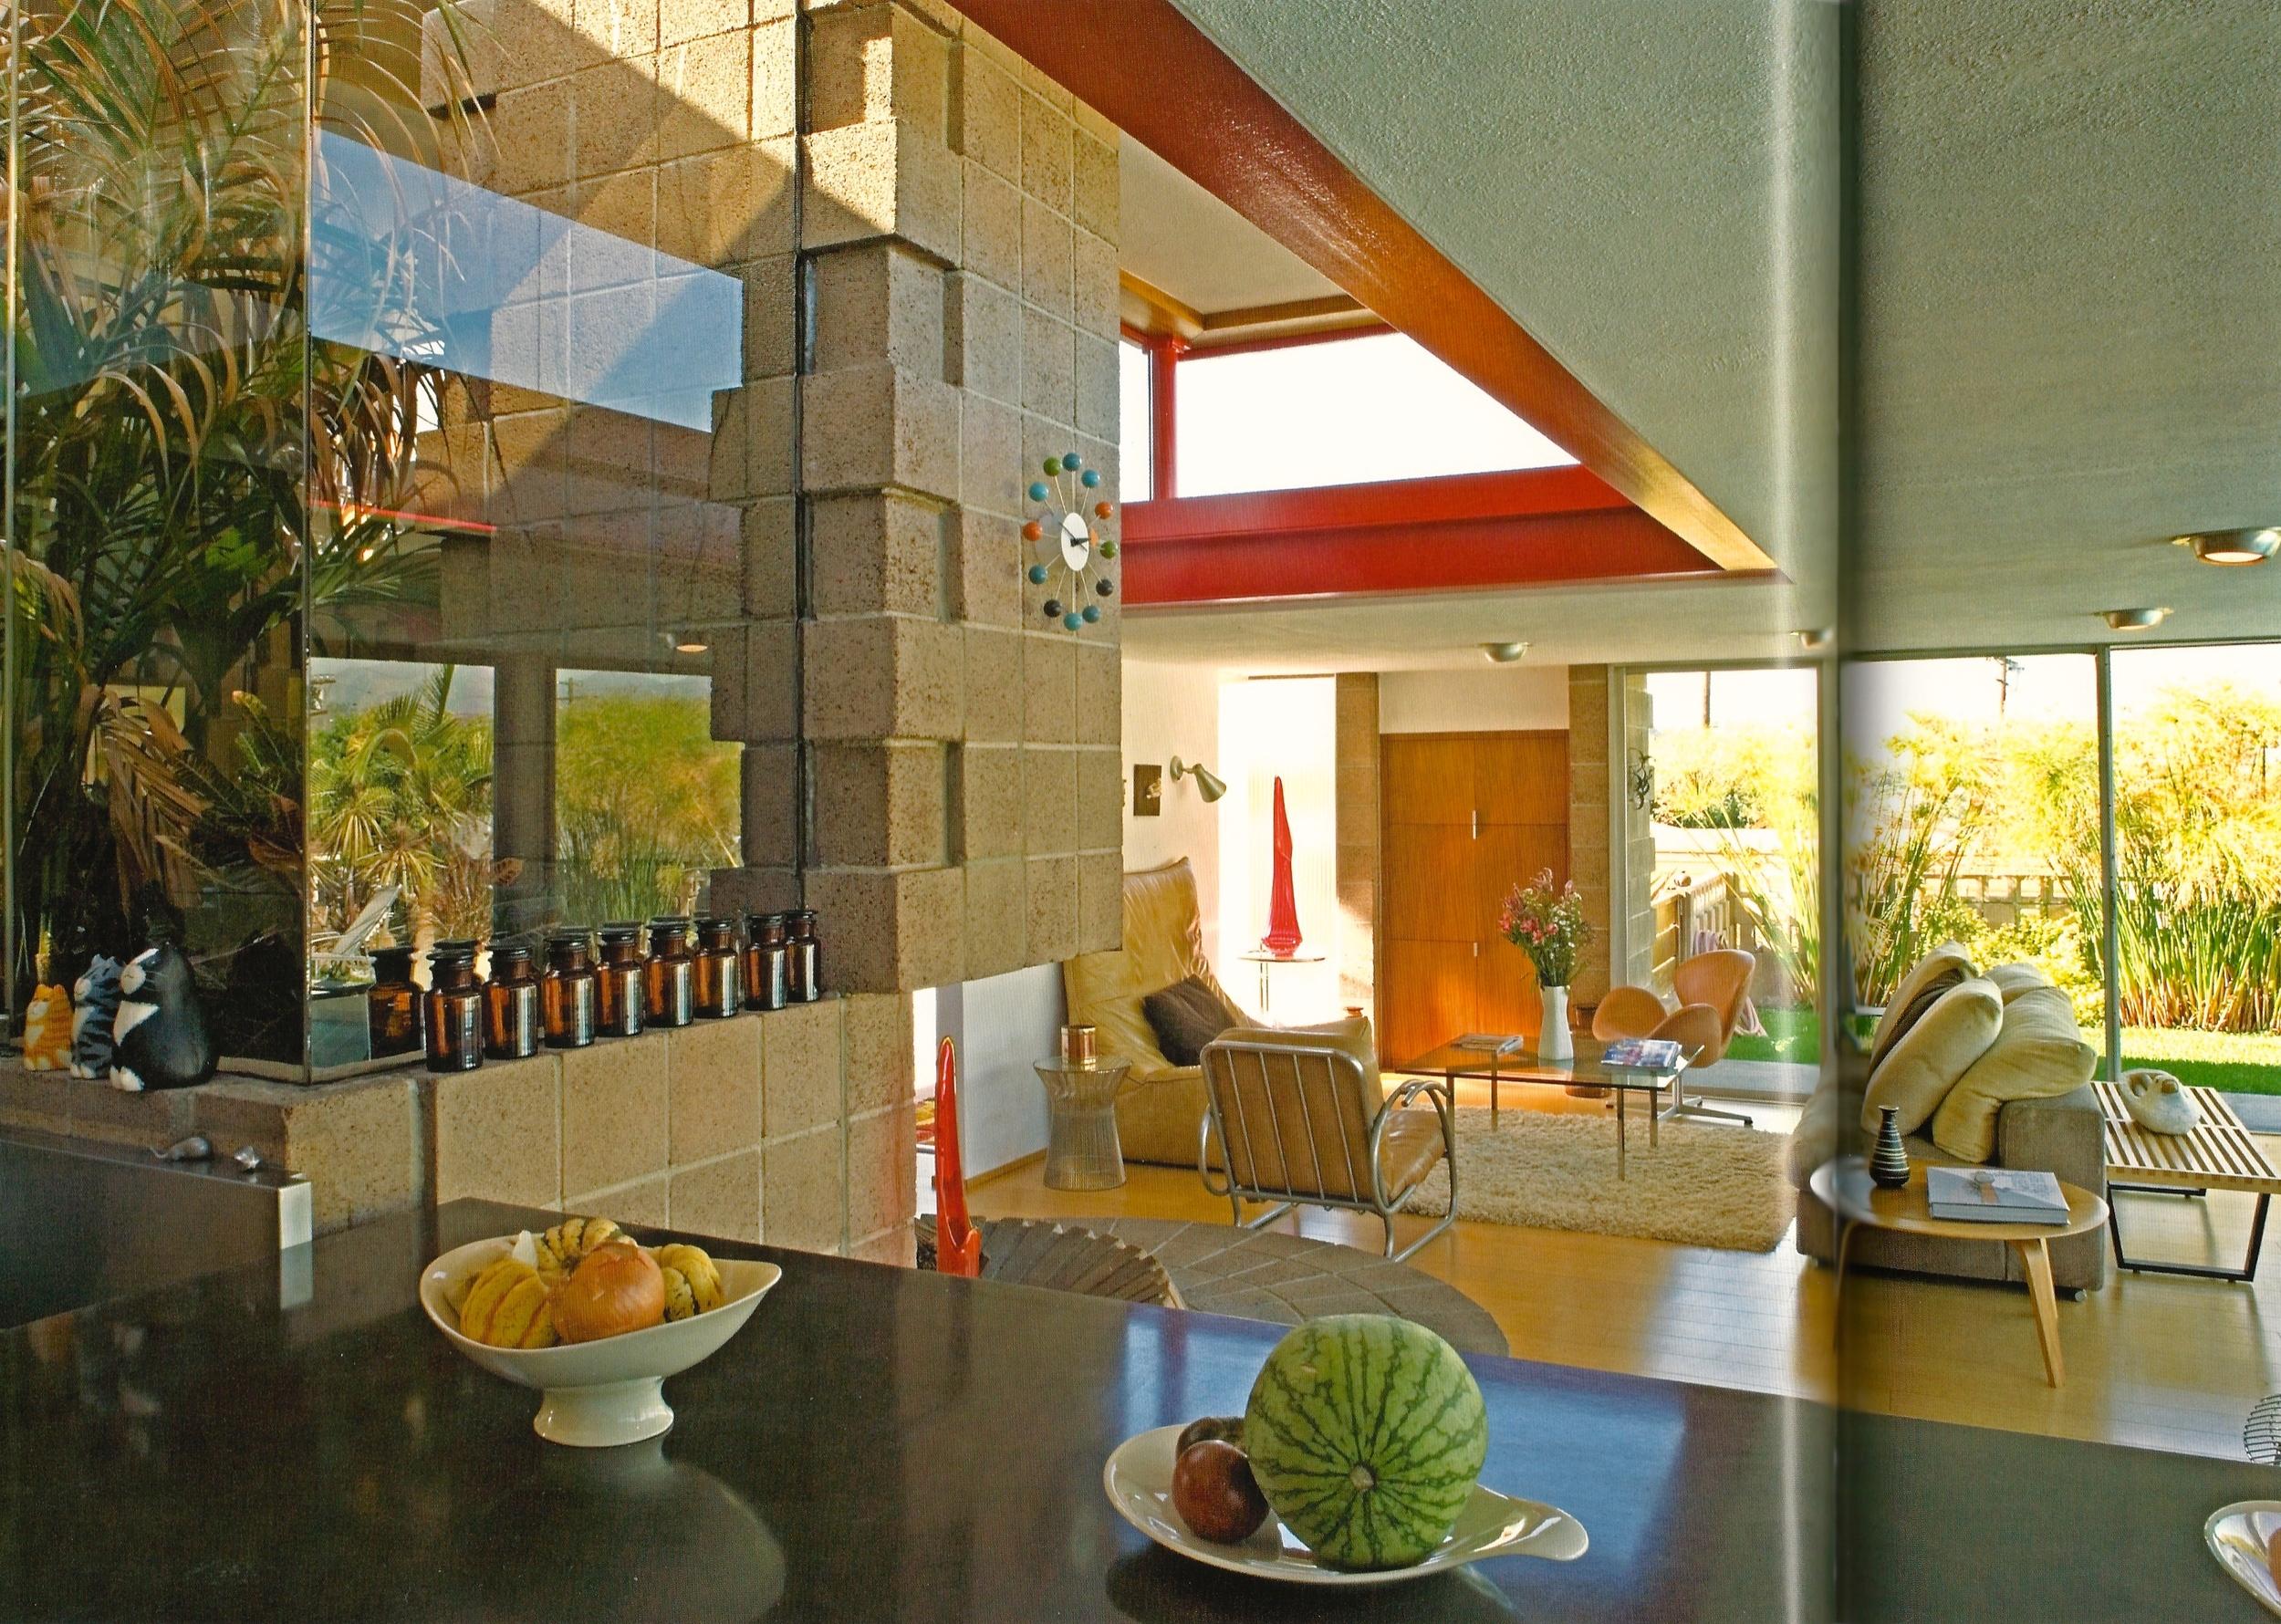 Bubeck House, Allyn E. Morris architect, 1956